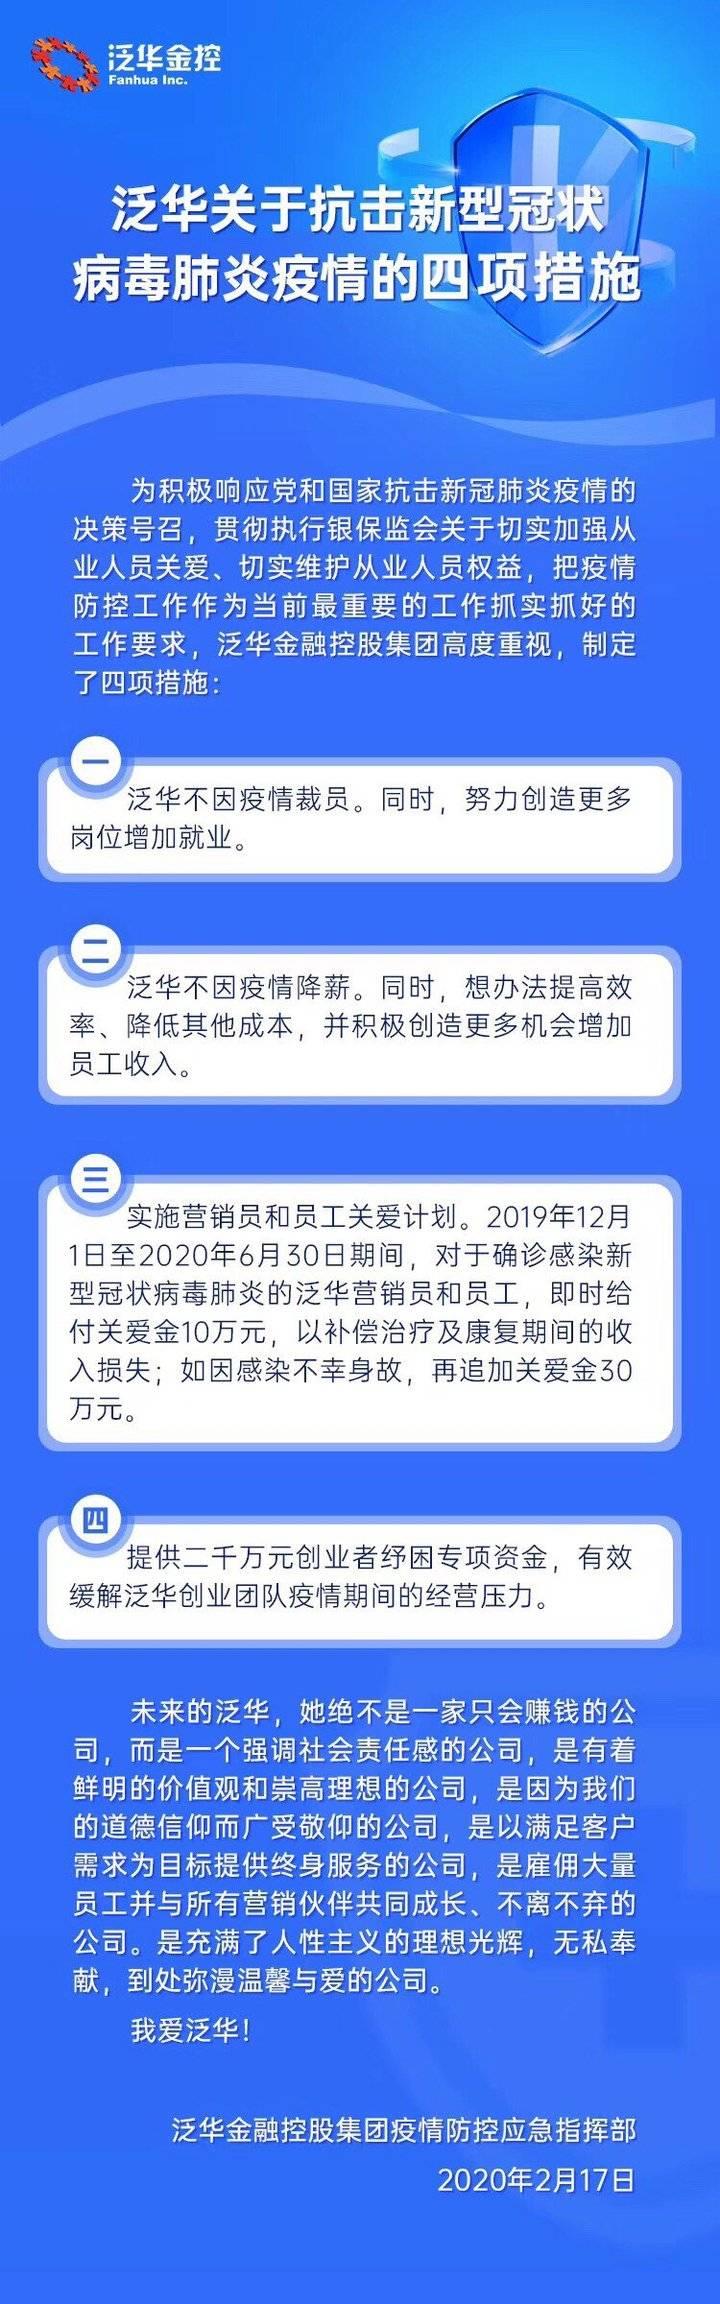 山东十一选五_[开户赠金]